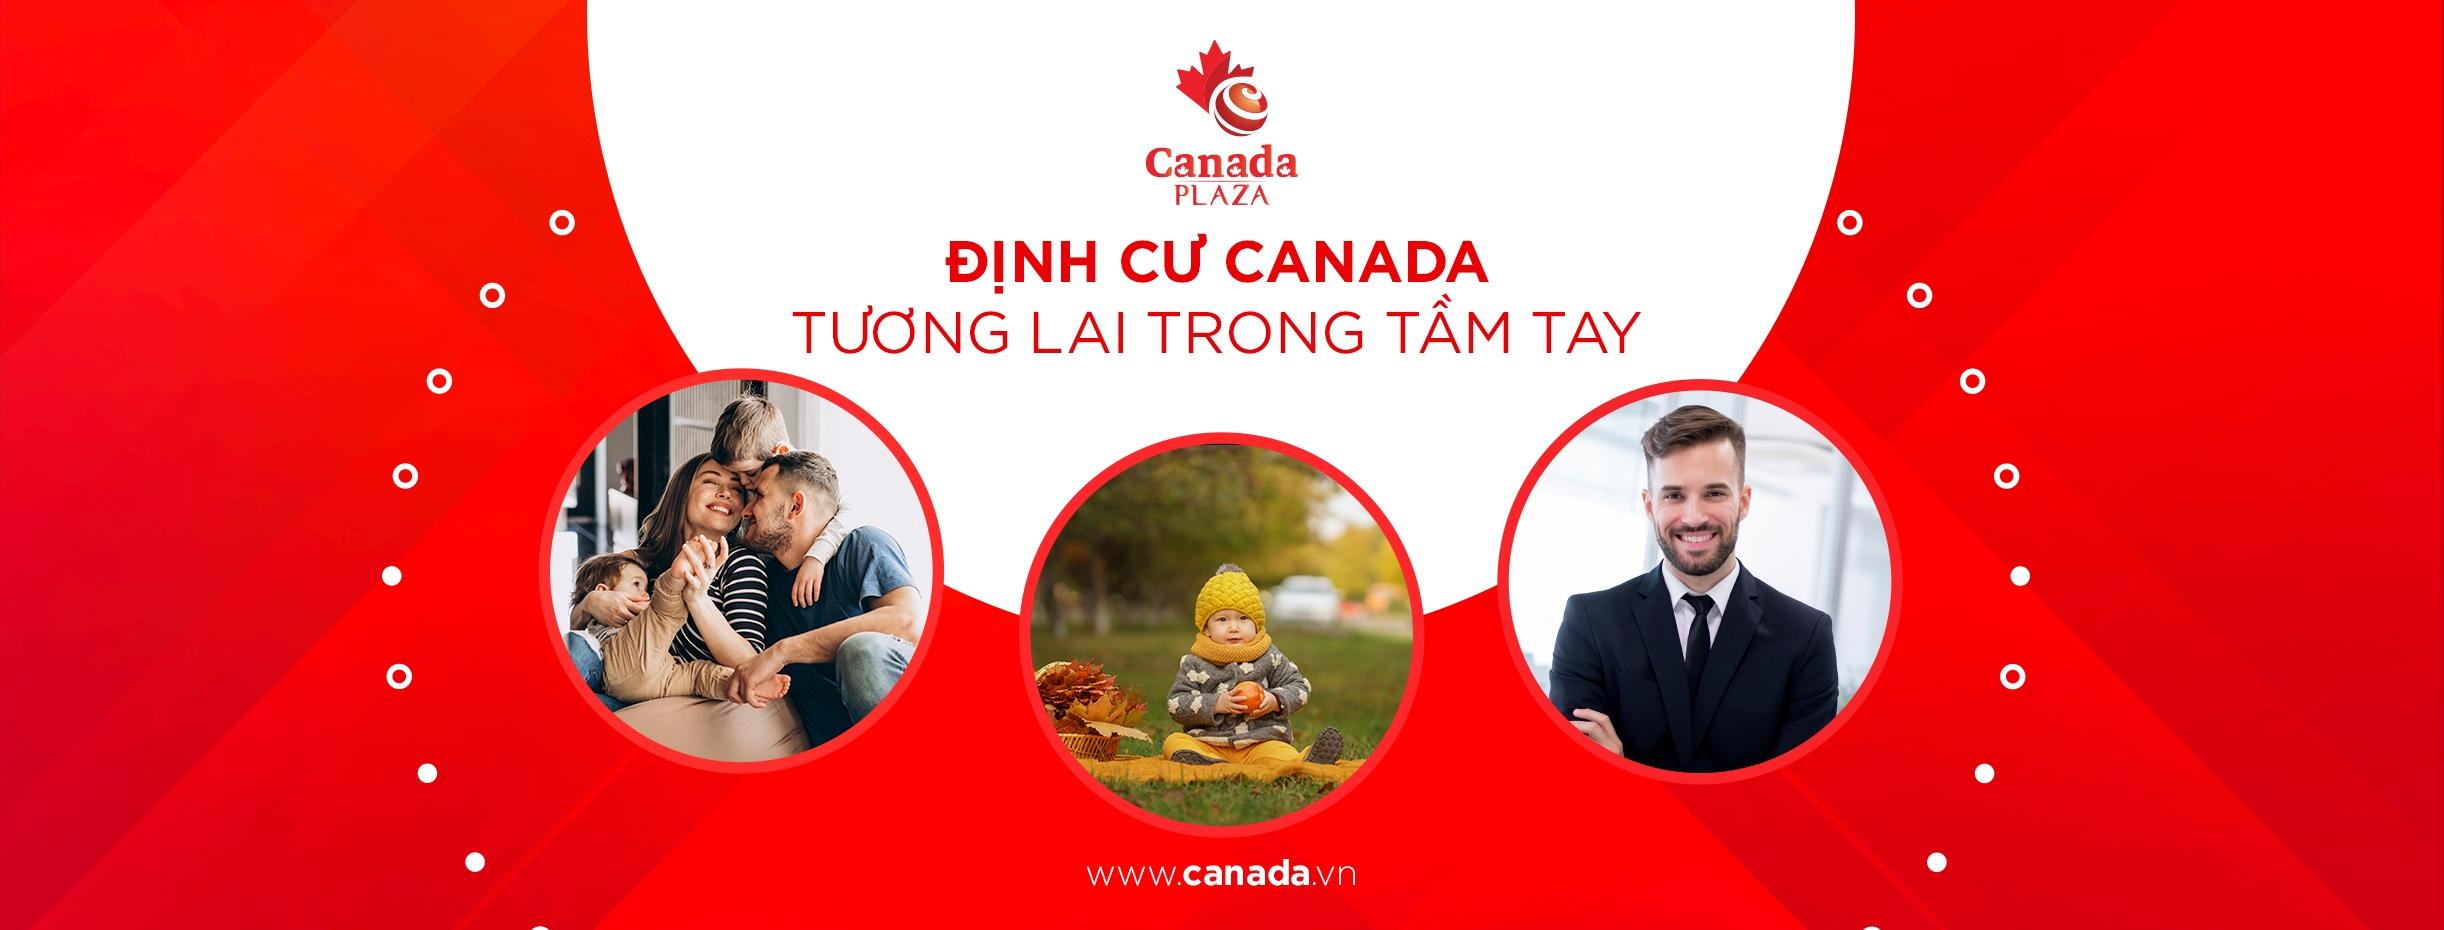 Canada Plaza (@canadaplaza) Cover Image